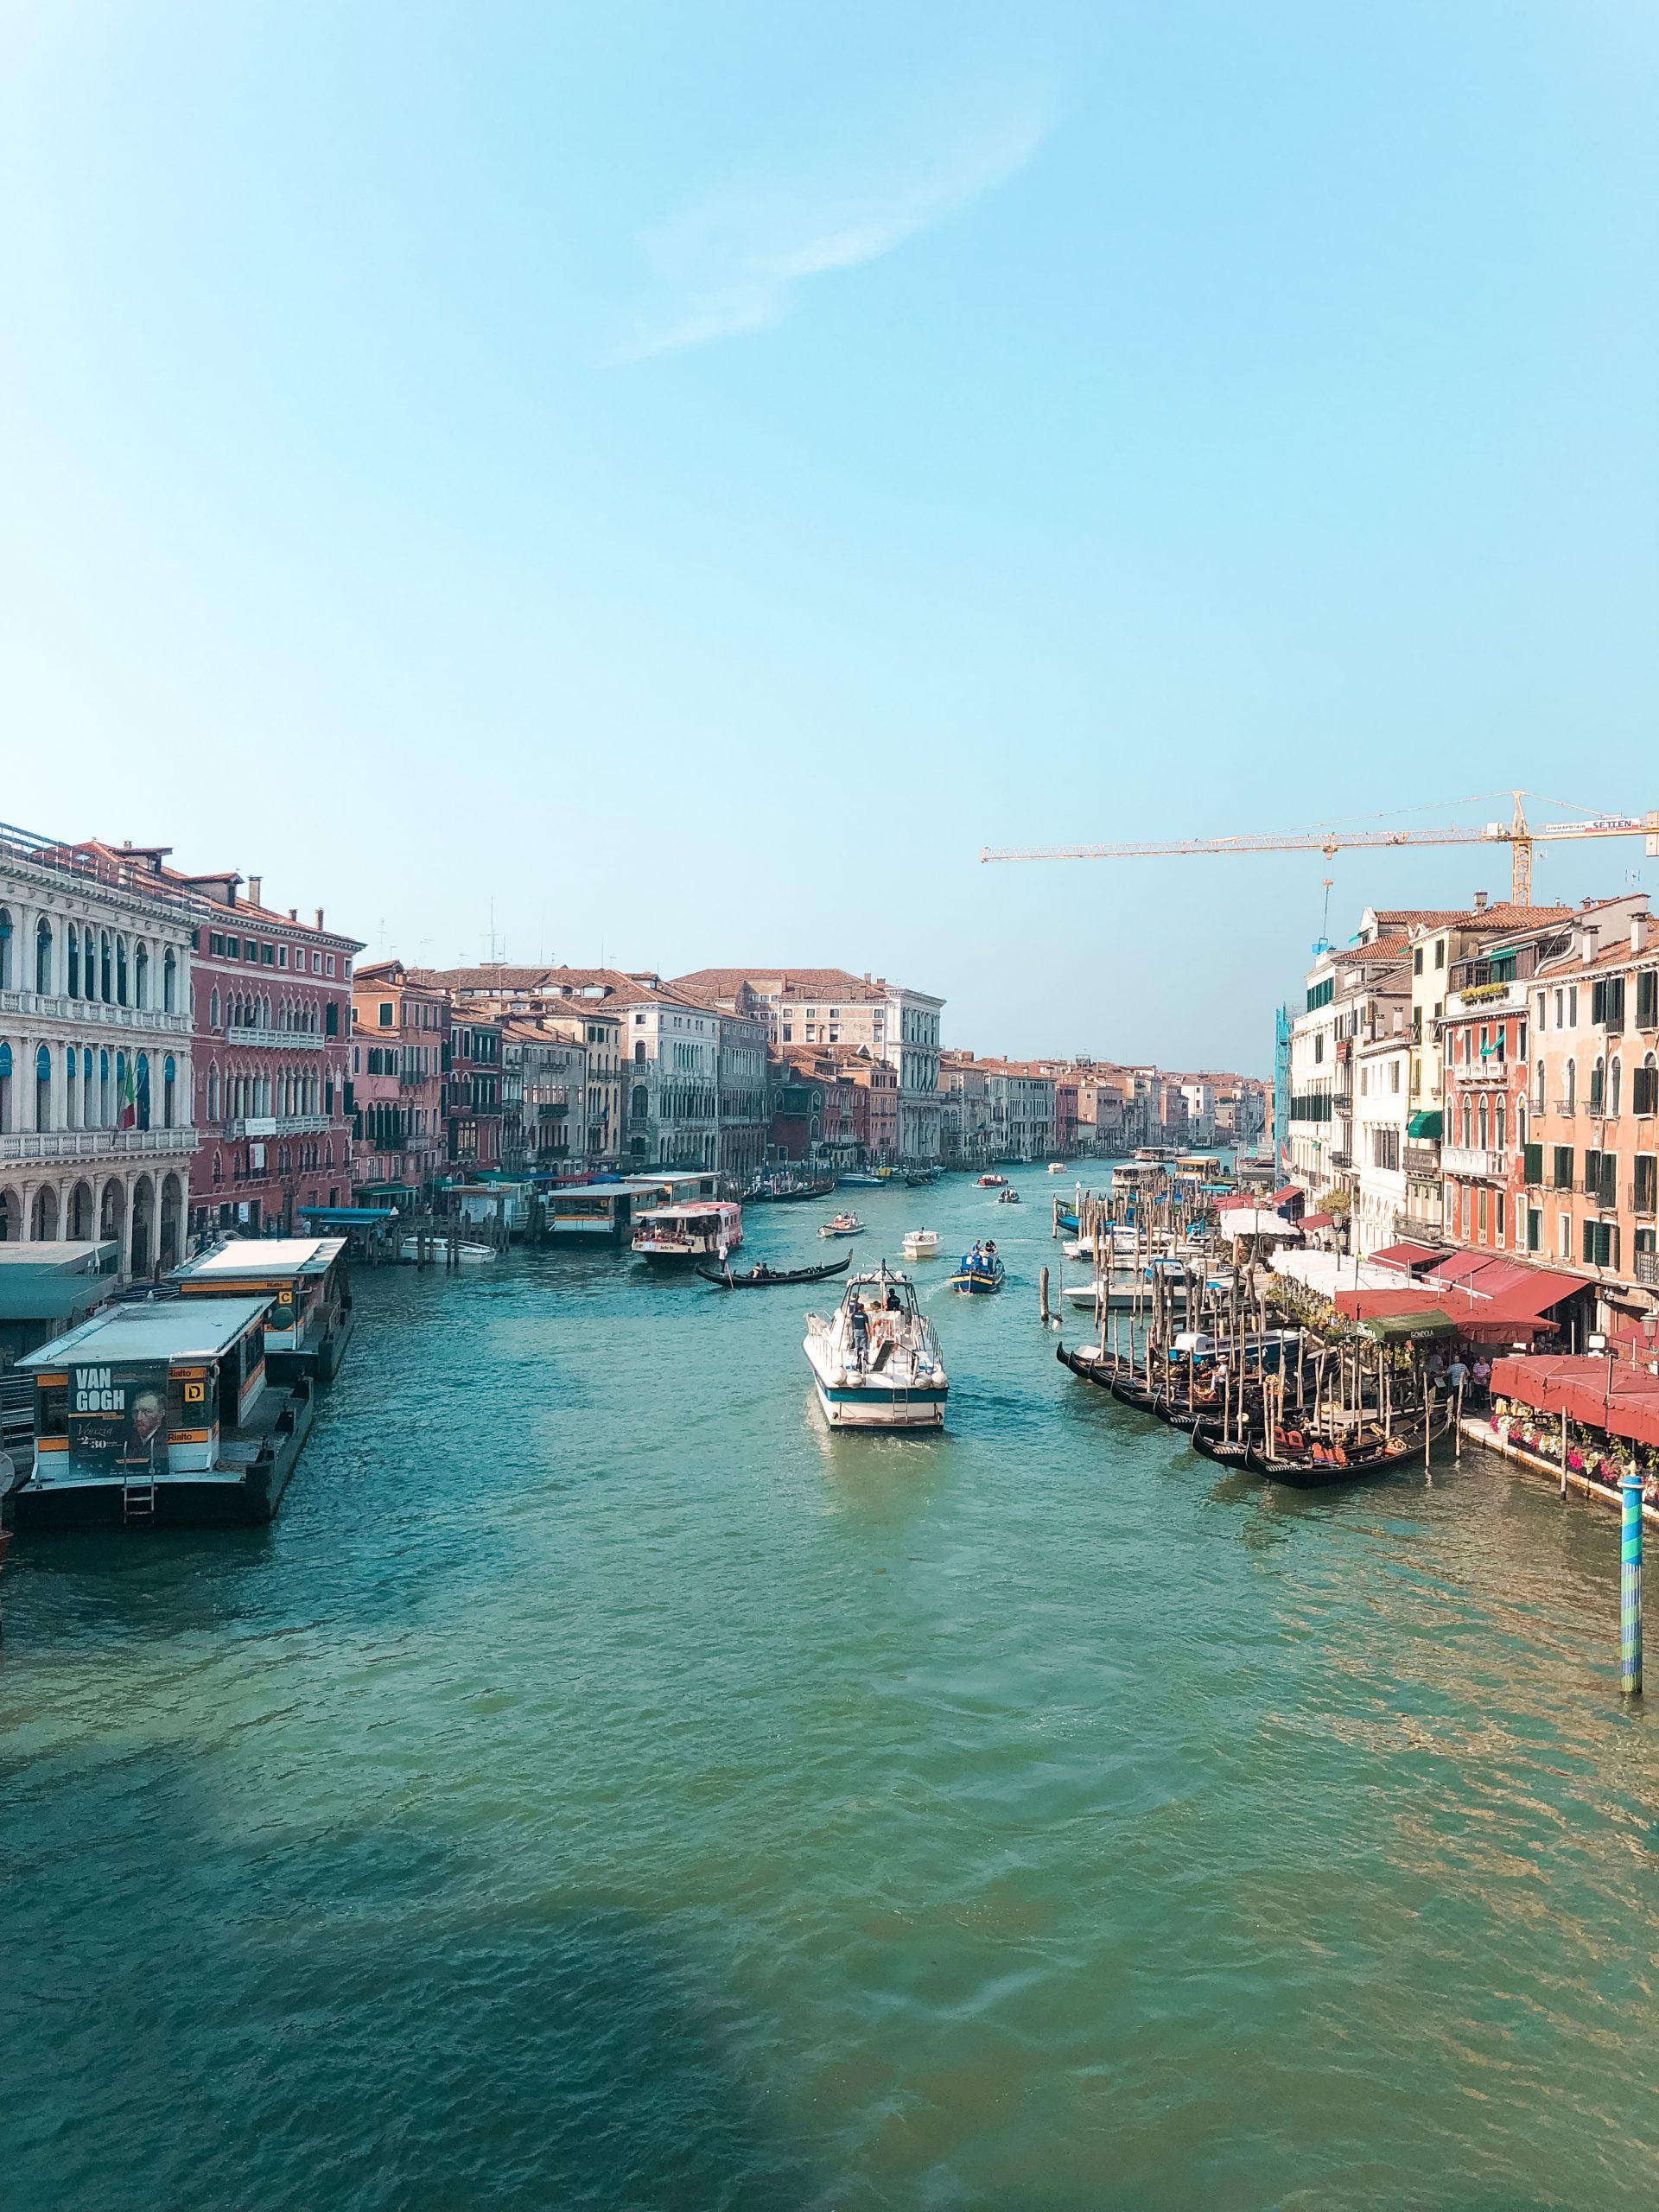 picture from Rialto Bridge in Venice